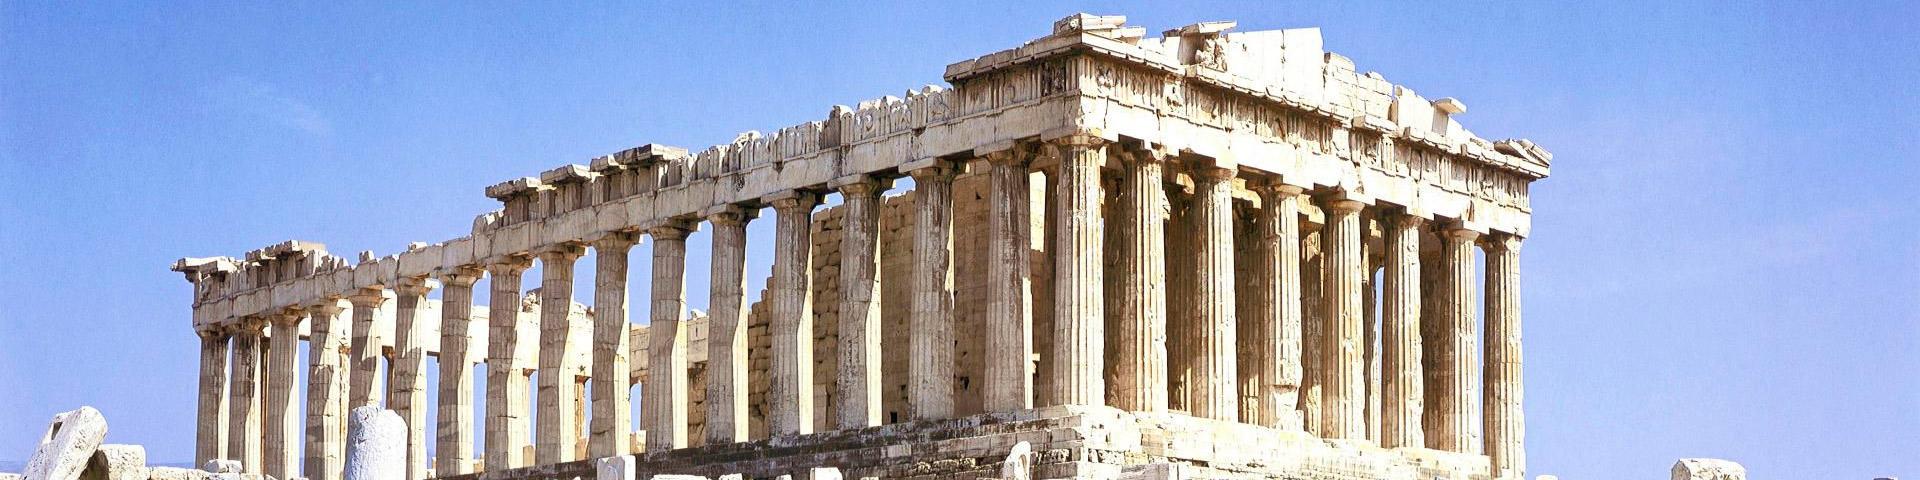 Grécia Clássica